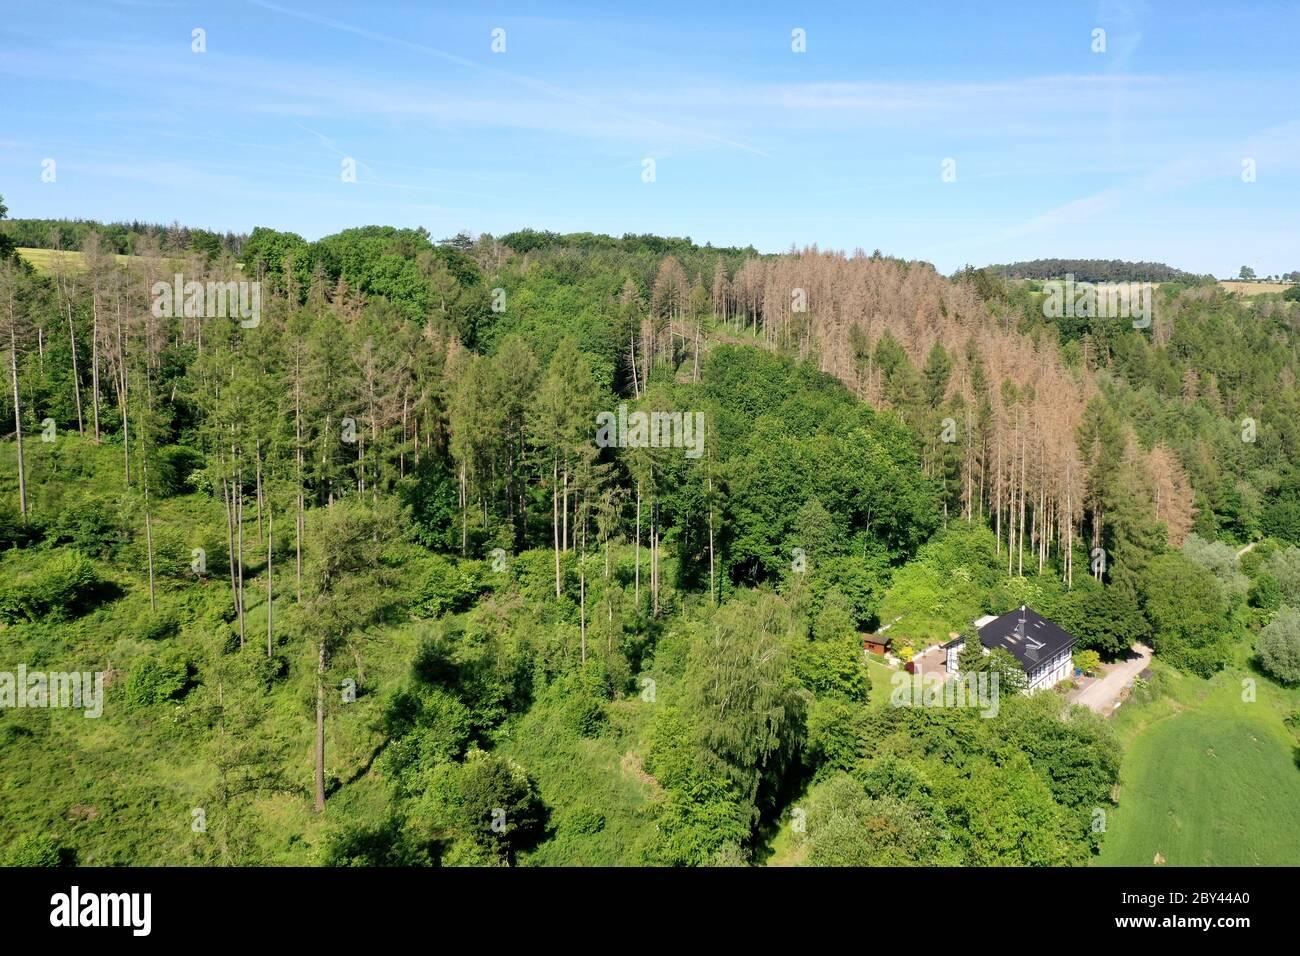 Fichten, Fichte sind vertrocknet und durch Borkenkäfer geschädigt, Fichtenwald, Fichtenwälder, Nadelwälder, Nadelwald, Fichtensterben, Waldsterben, Kl Stock Photo